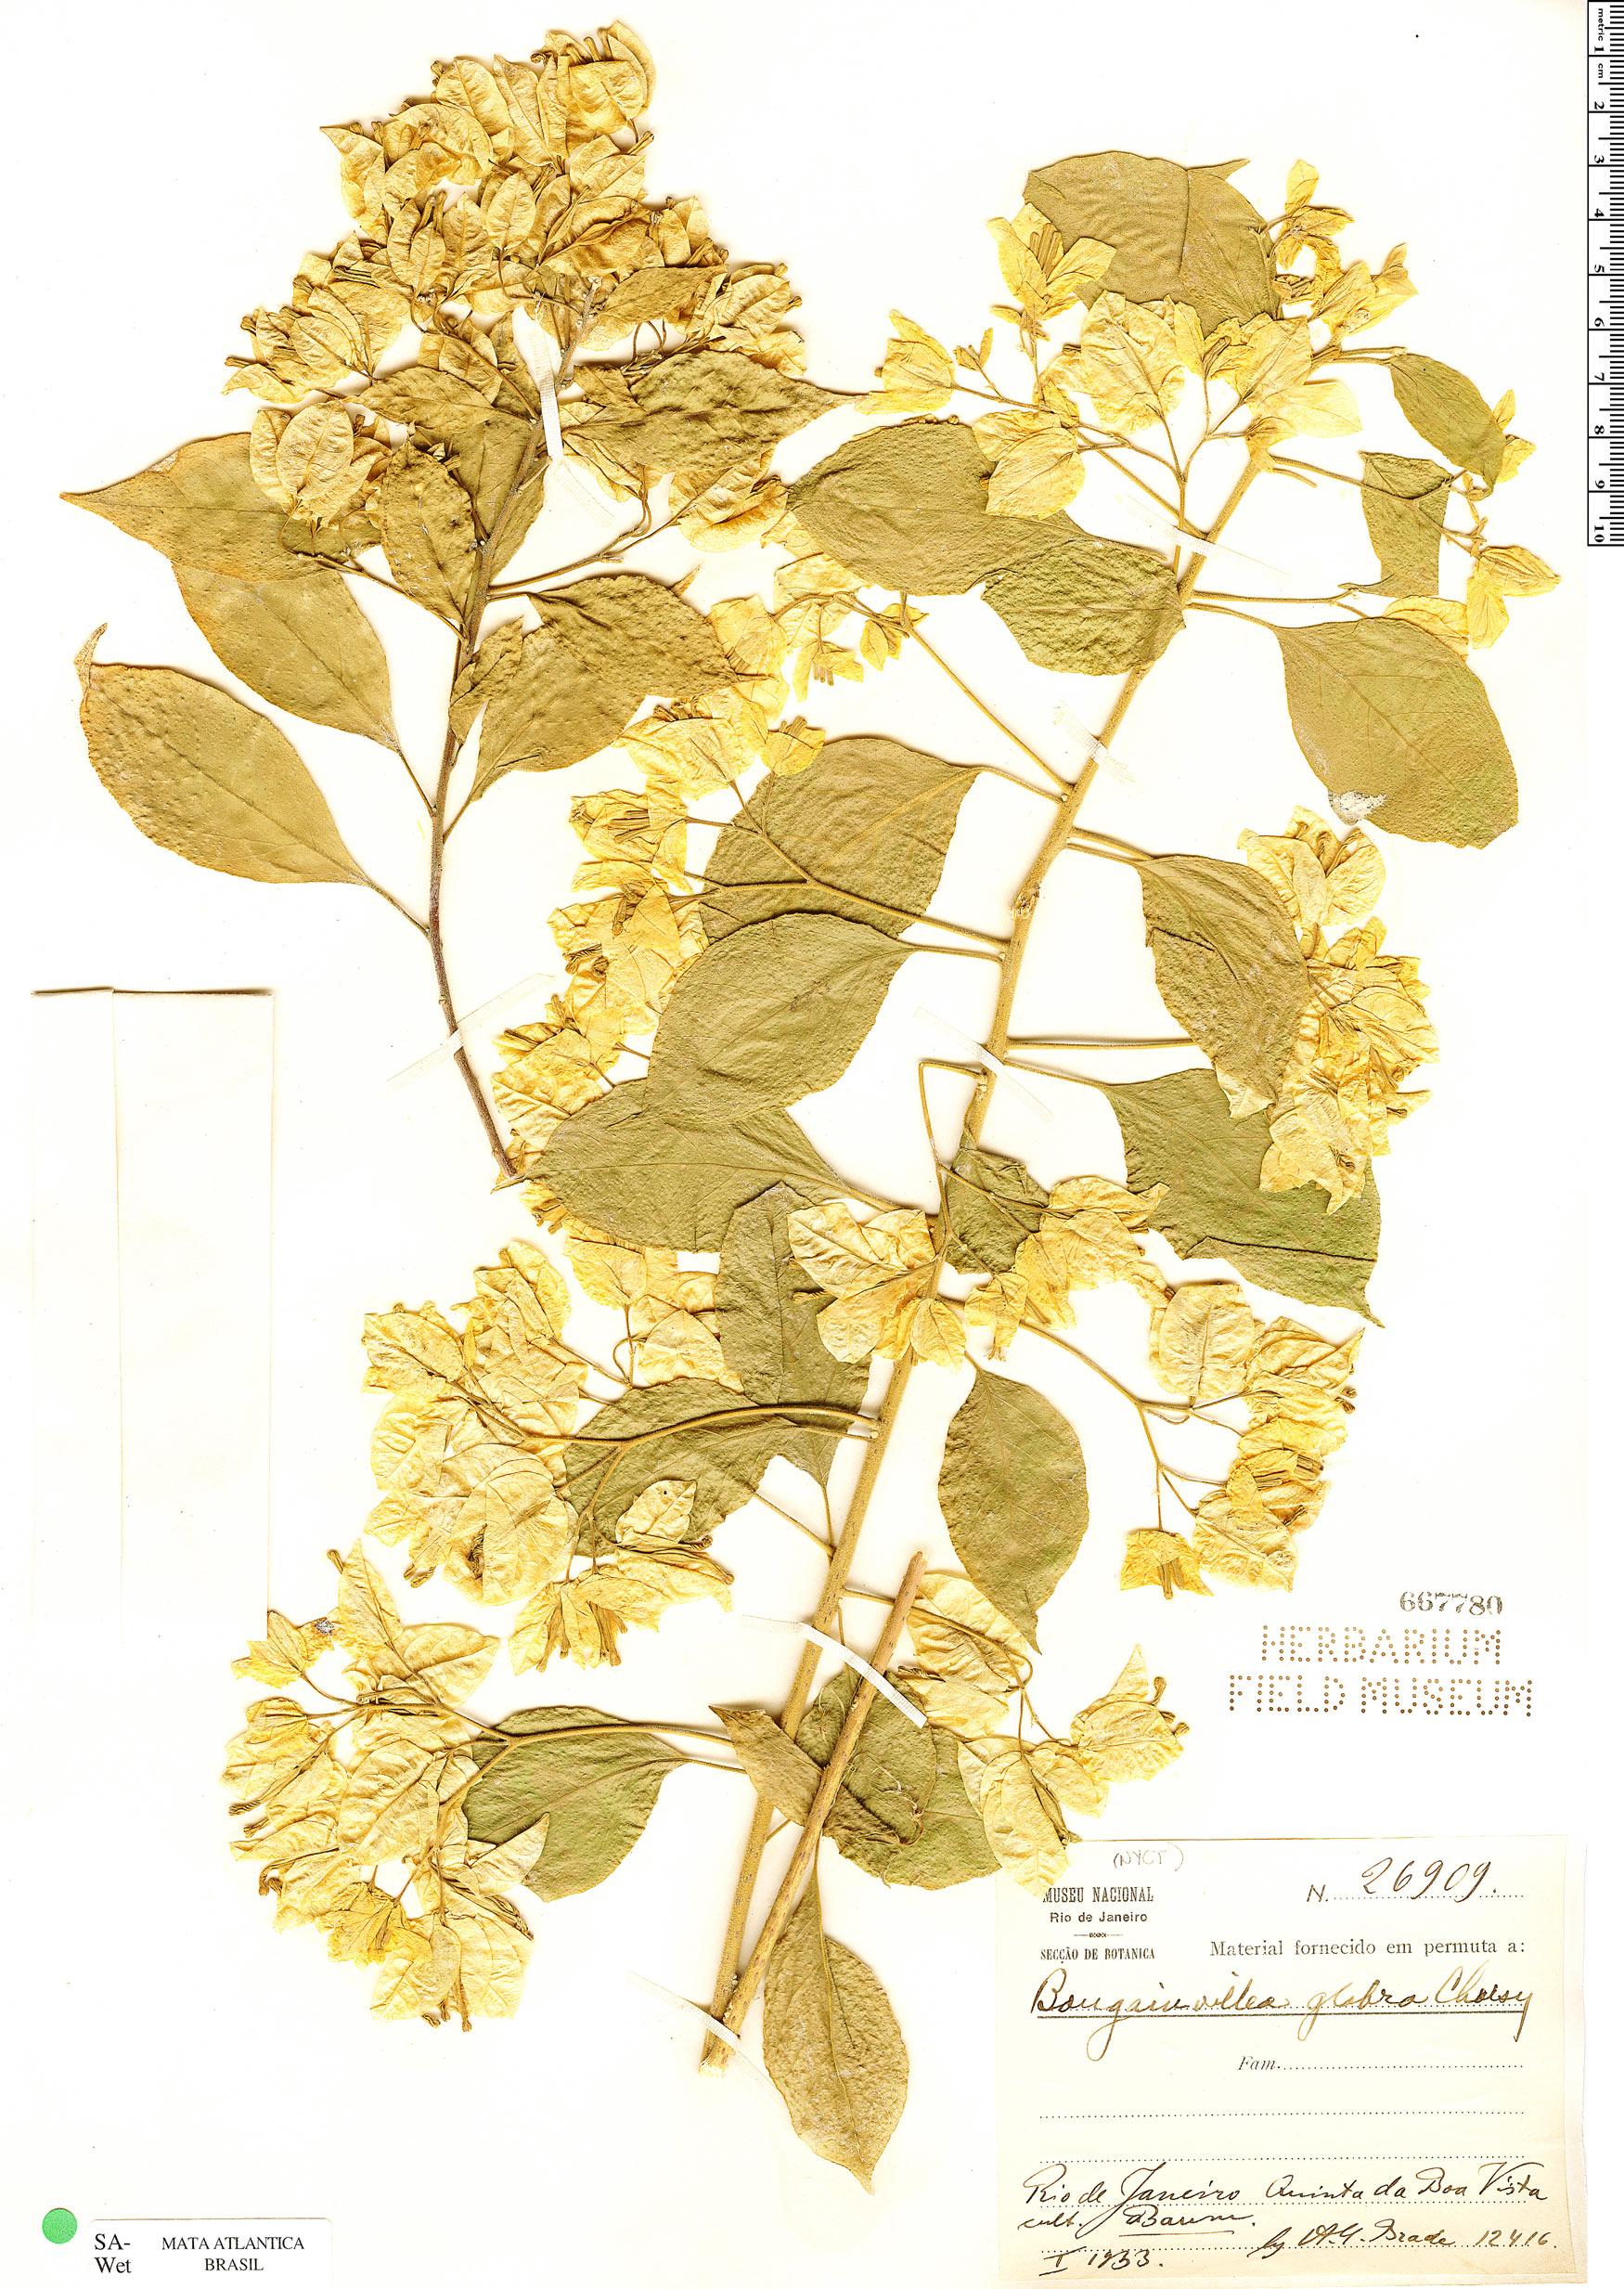 Specimen: Bougainvillea glabra